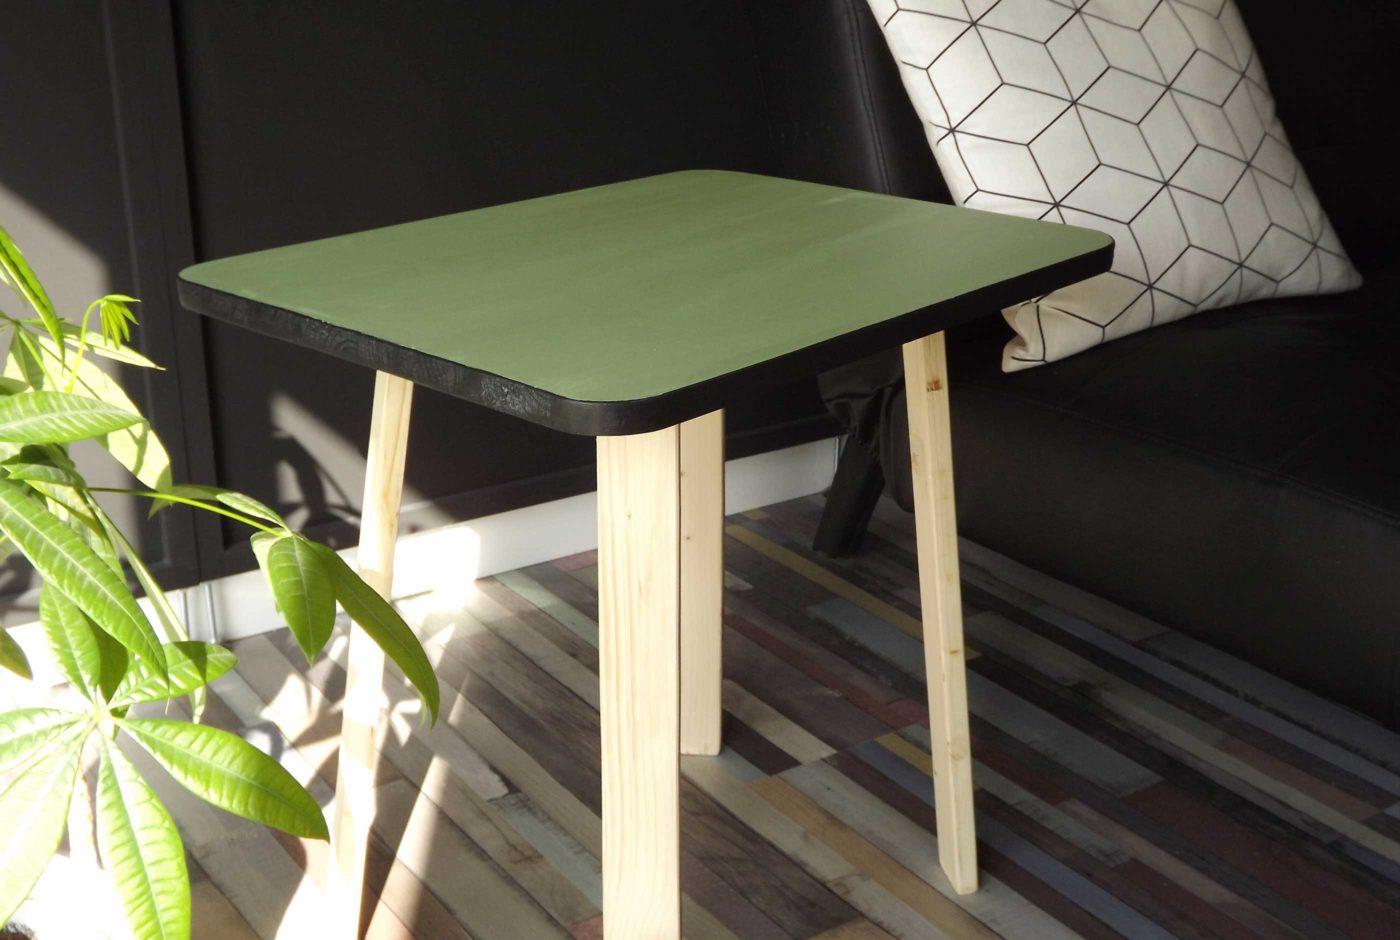 Table d'appoint formica en bois